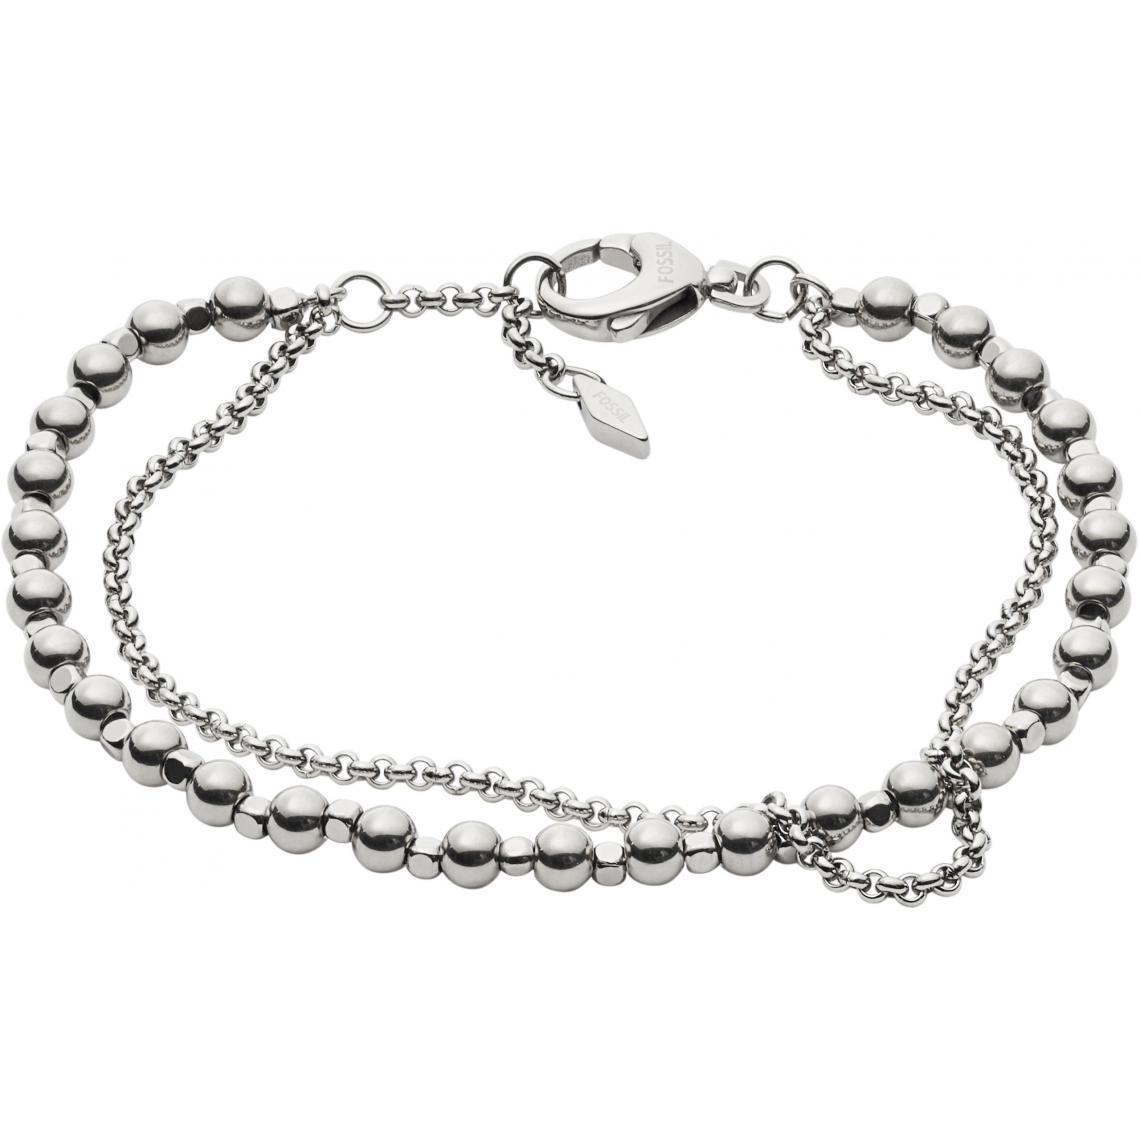 Bracelet Fashion JA6865040 - Bracelet Boule Argenté - Fossil Bijoux - Modalova